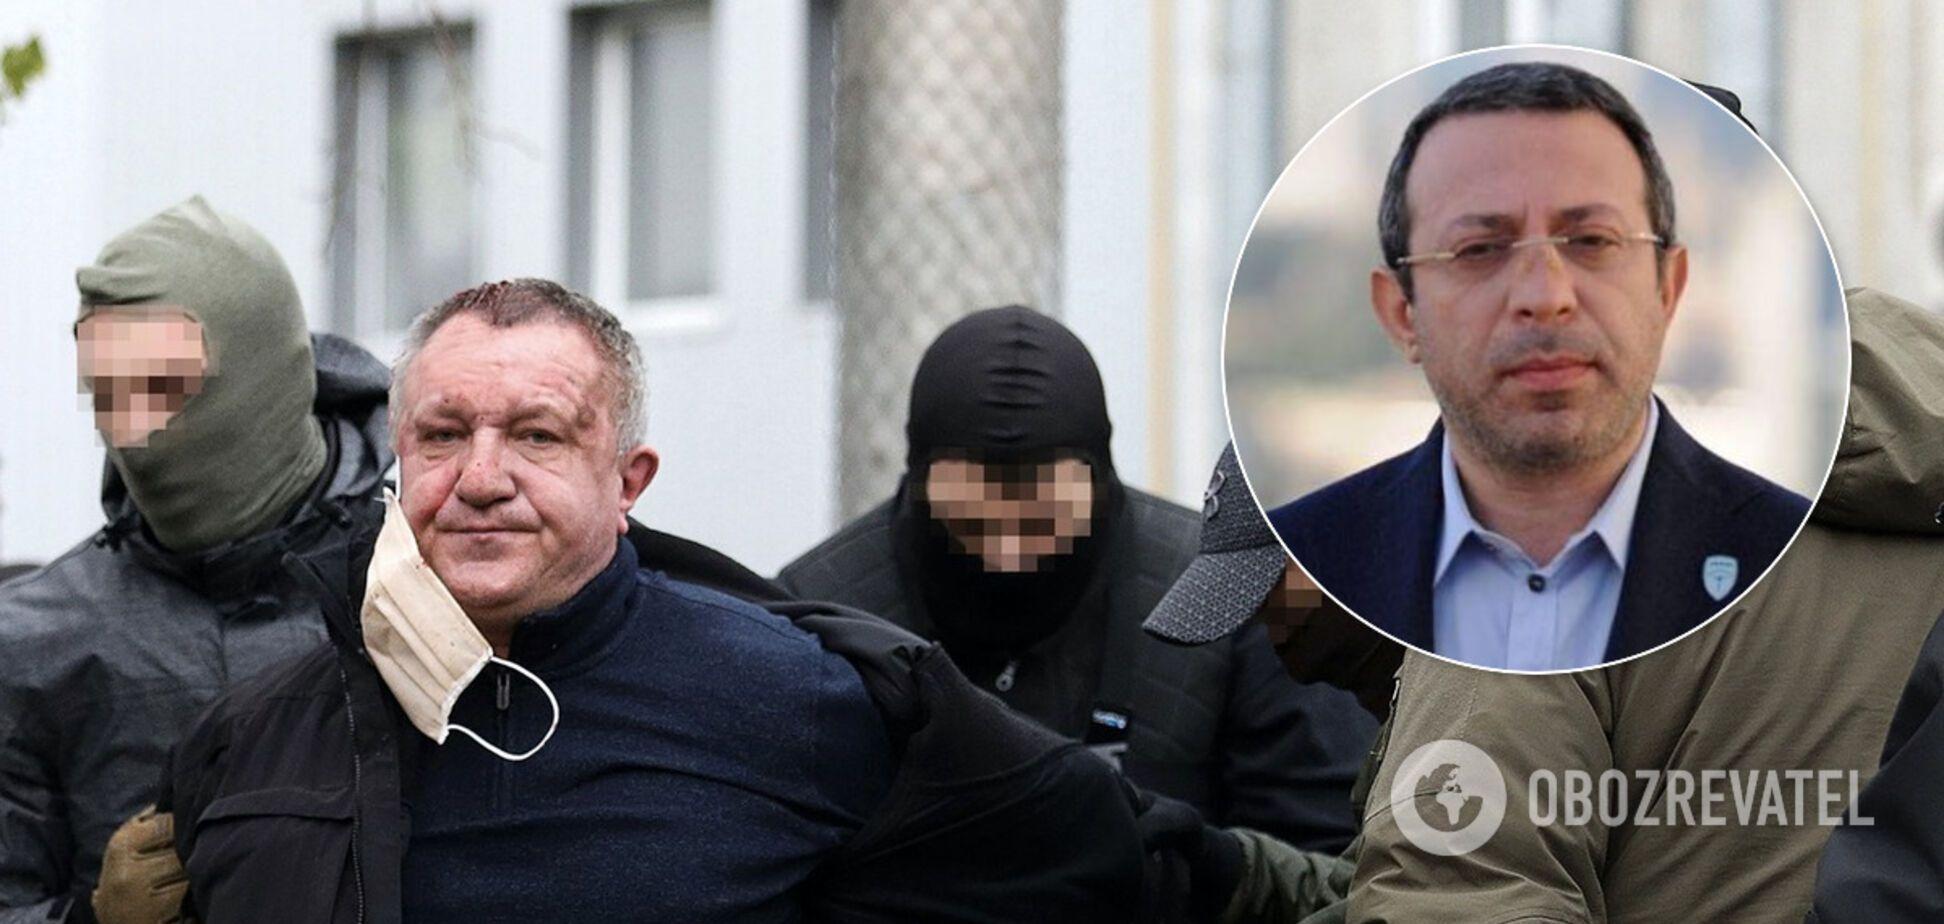 Арестованный генерал СБУ Шайтанов руководил моим задержанием – Корбан